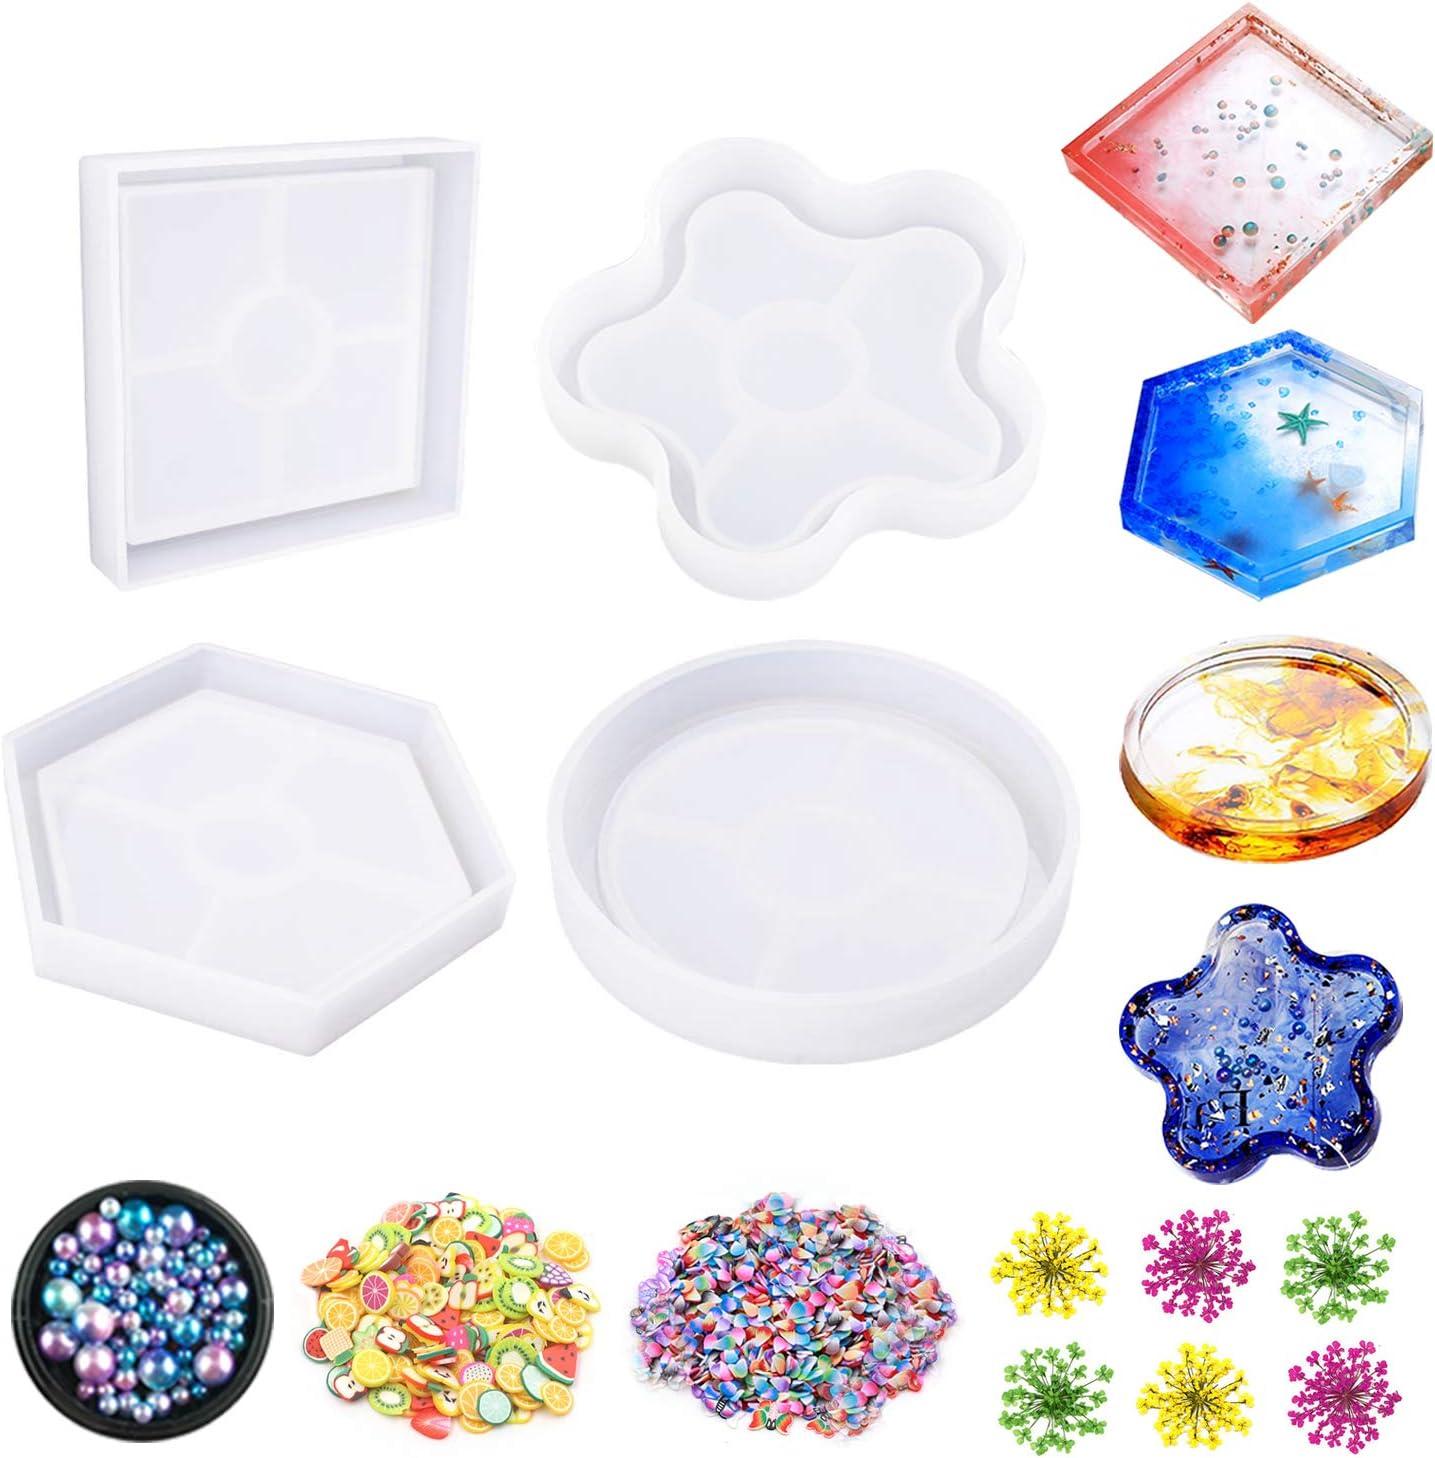 Jatidne - Juego de 4 moldes de resina epoxi para posavasos de resina con cuentas de flores secas y decoraciones de silicona para posavasos